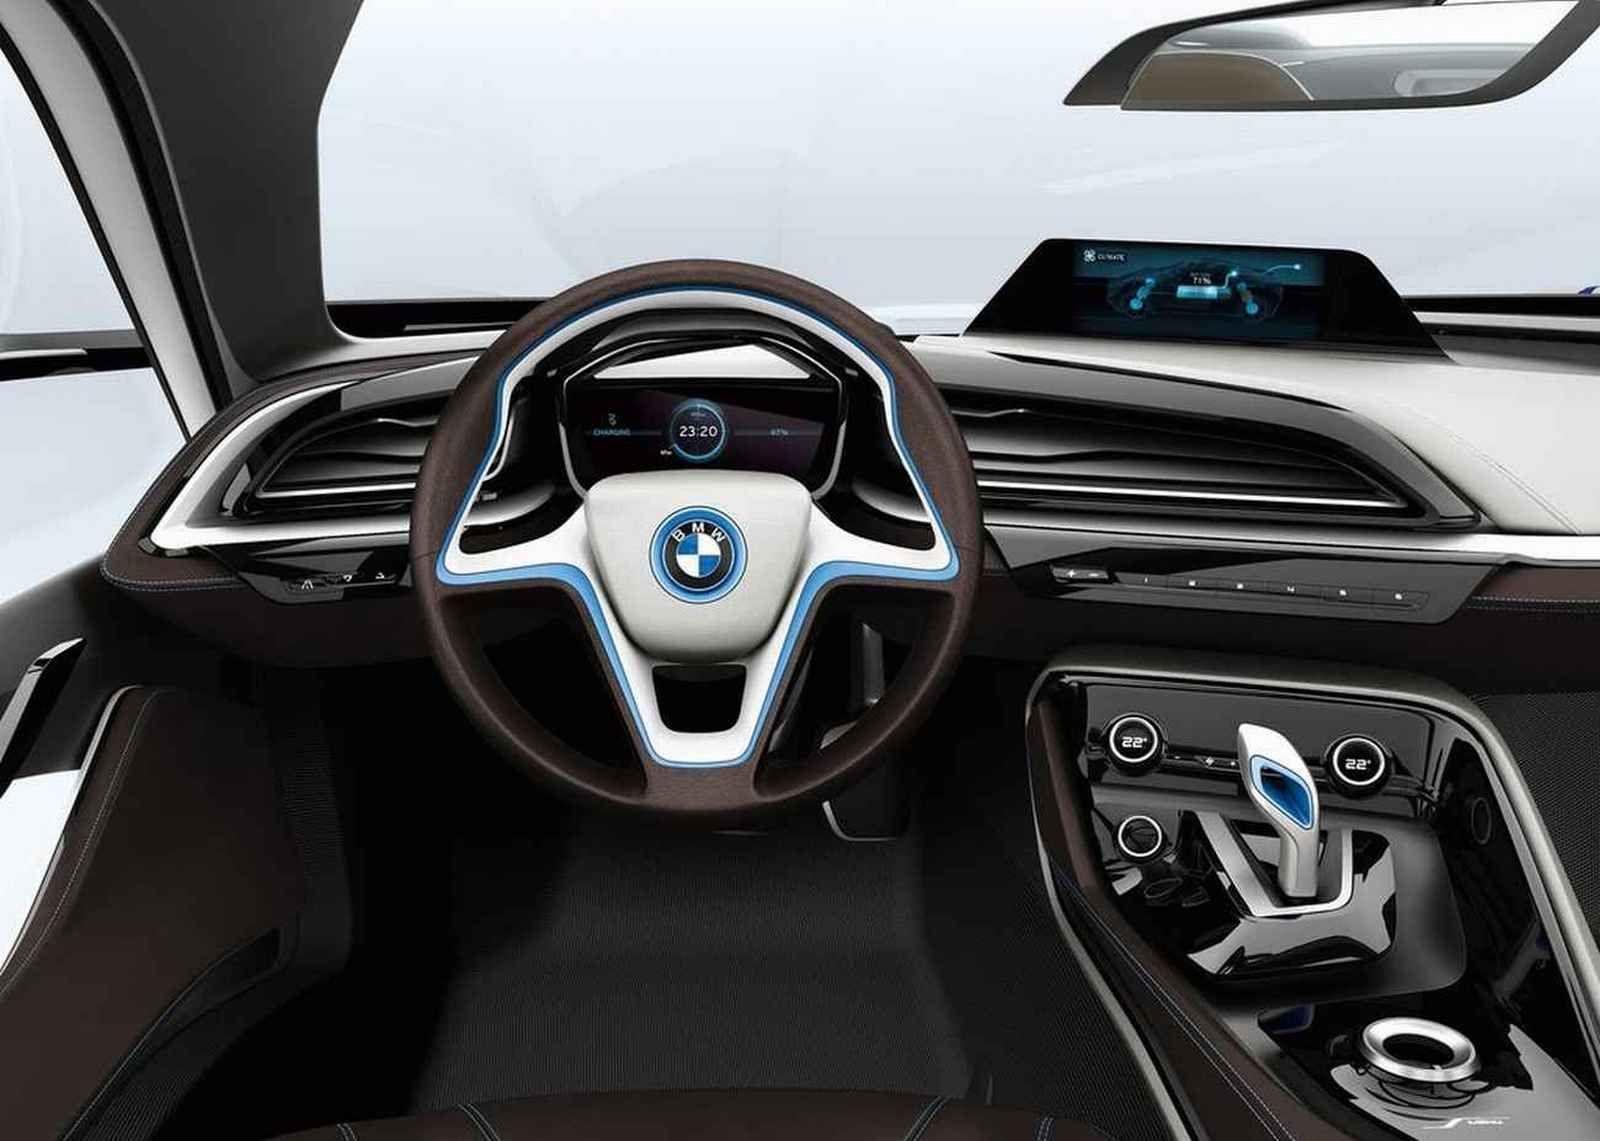 2011 BMW I8 Concept Interior 2 1600x1141